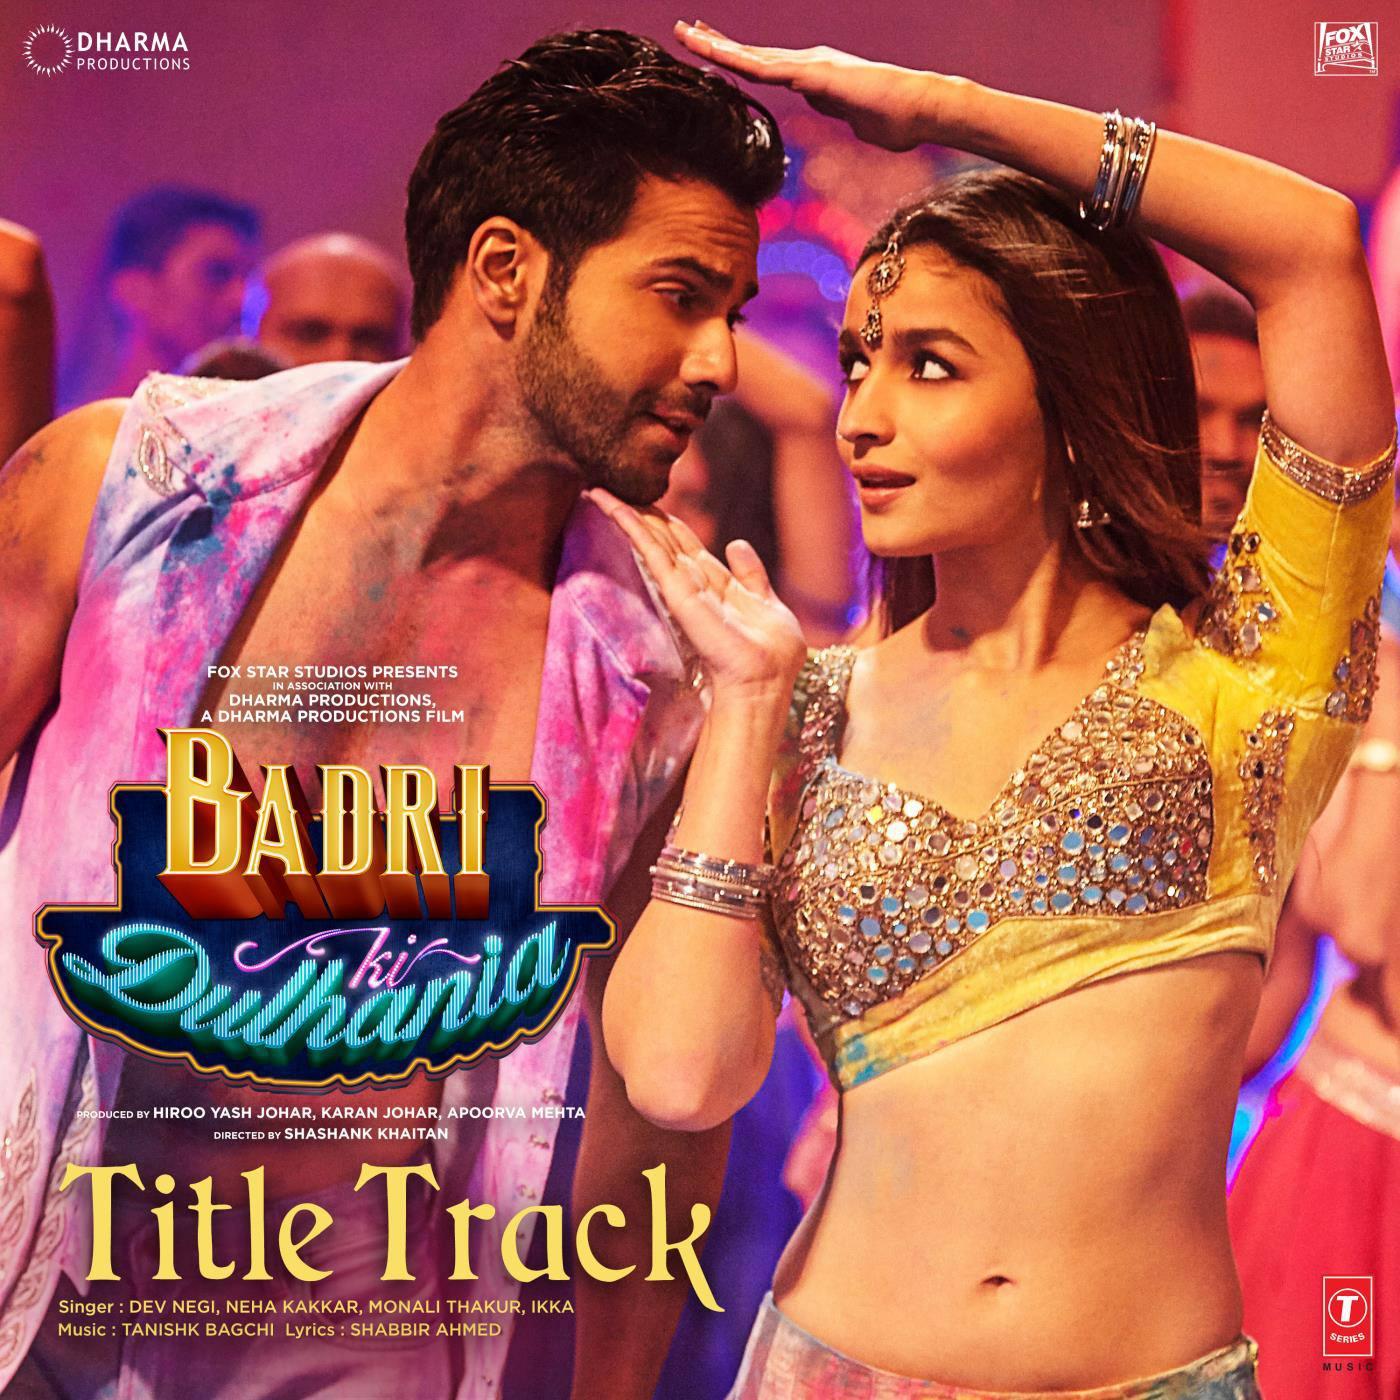 موزیک ویدیو های فیلم Badrinath Ki Dulhania 2017